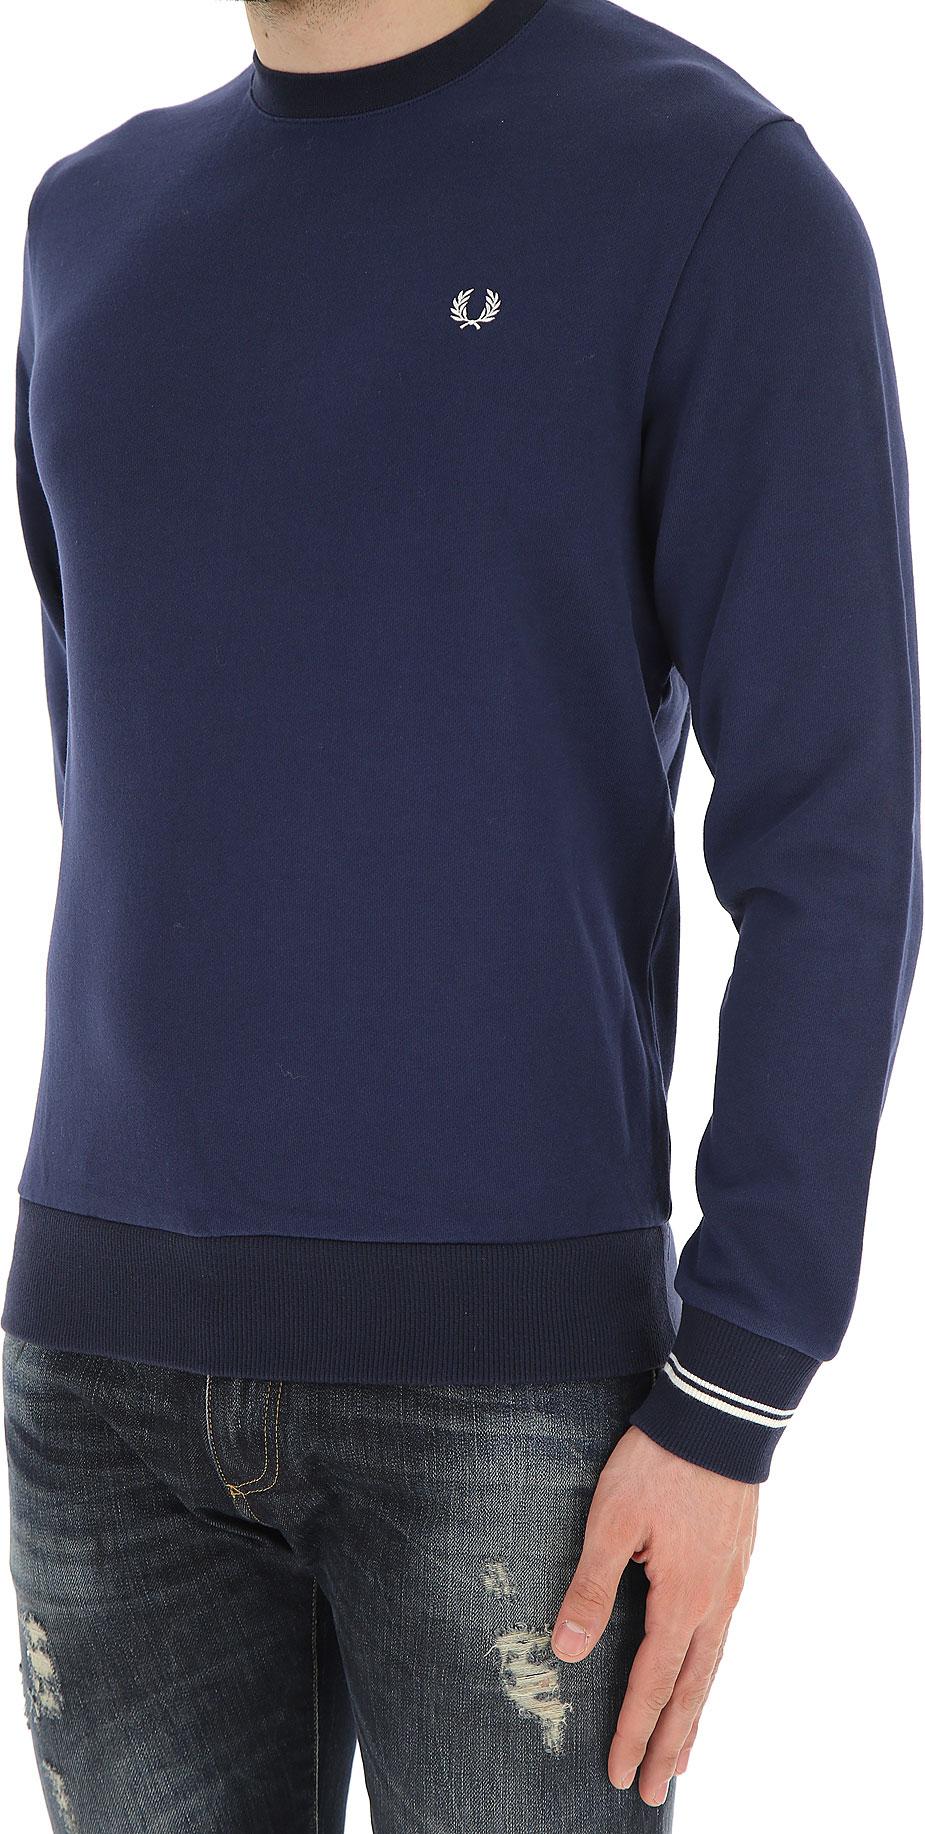 Fred m2599 Articolo Perry Abbigliamento d78 Codice Abbigliamento Uomo Uomo vtcwqFPn